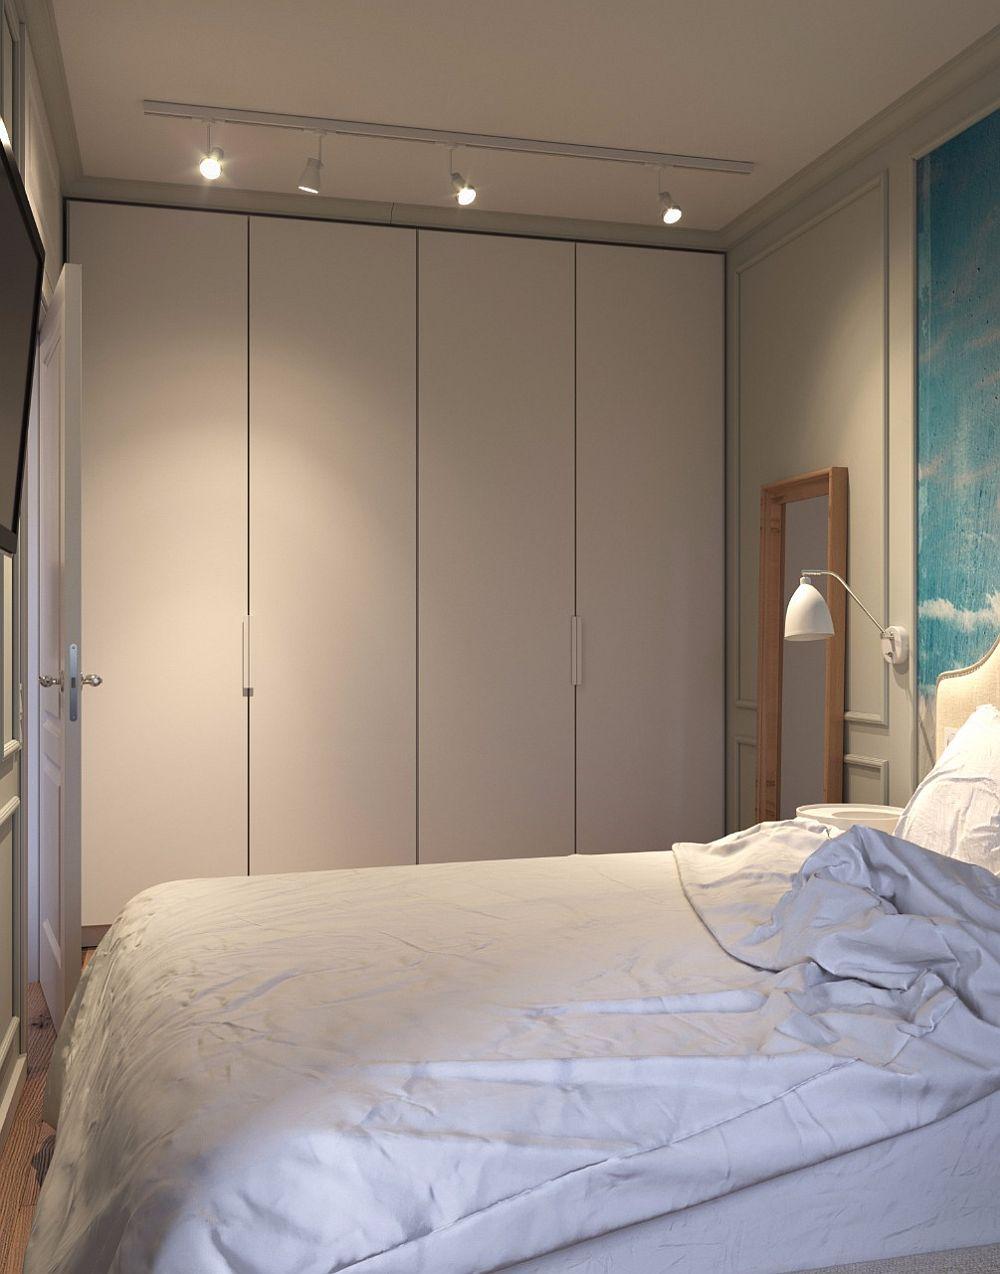 Pe toată lățimea dormitorului este gândit un dulap cu fețe simple realizat pe comandă după schițele arhitecților.